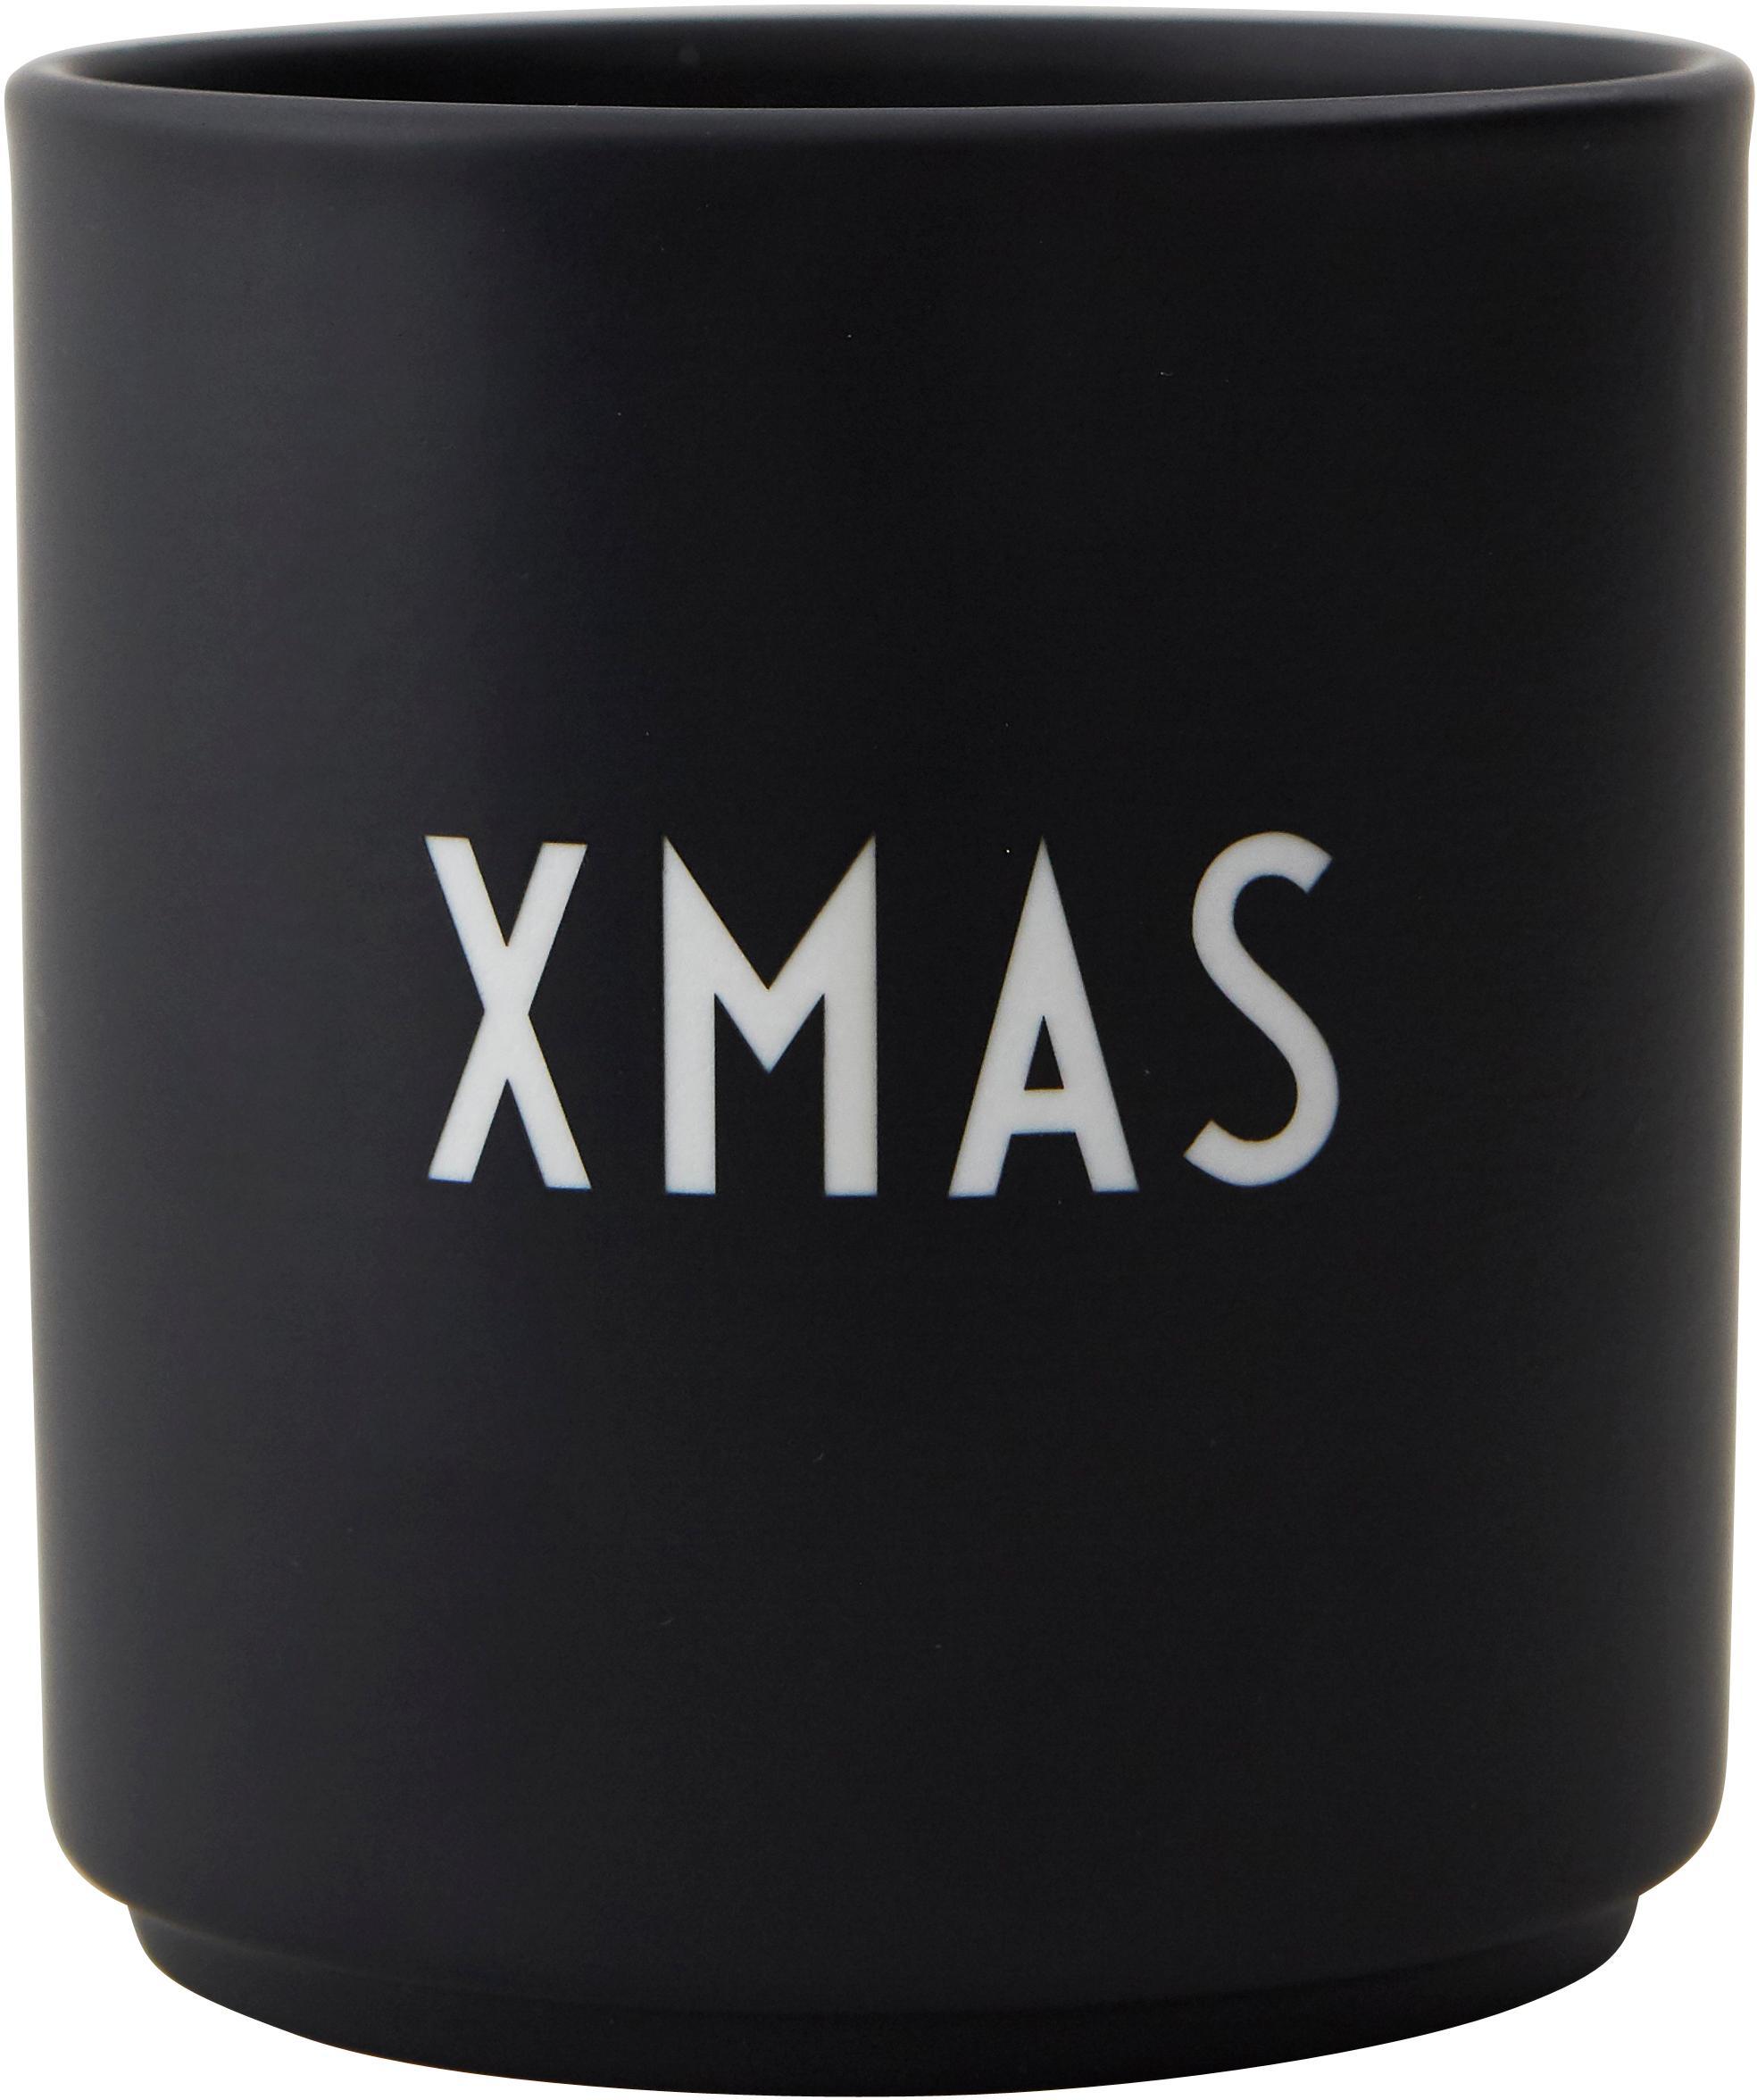 Design Becher Favourite XMAS in Schwarz mit Schriftzug, Fine Bone China (Porzellan), Schwarz, Weiß, Ø 8 x H 9 cm